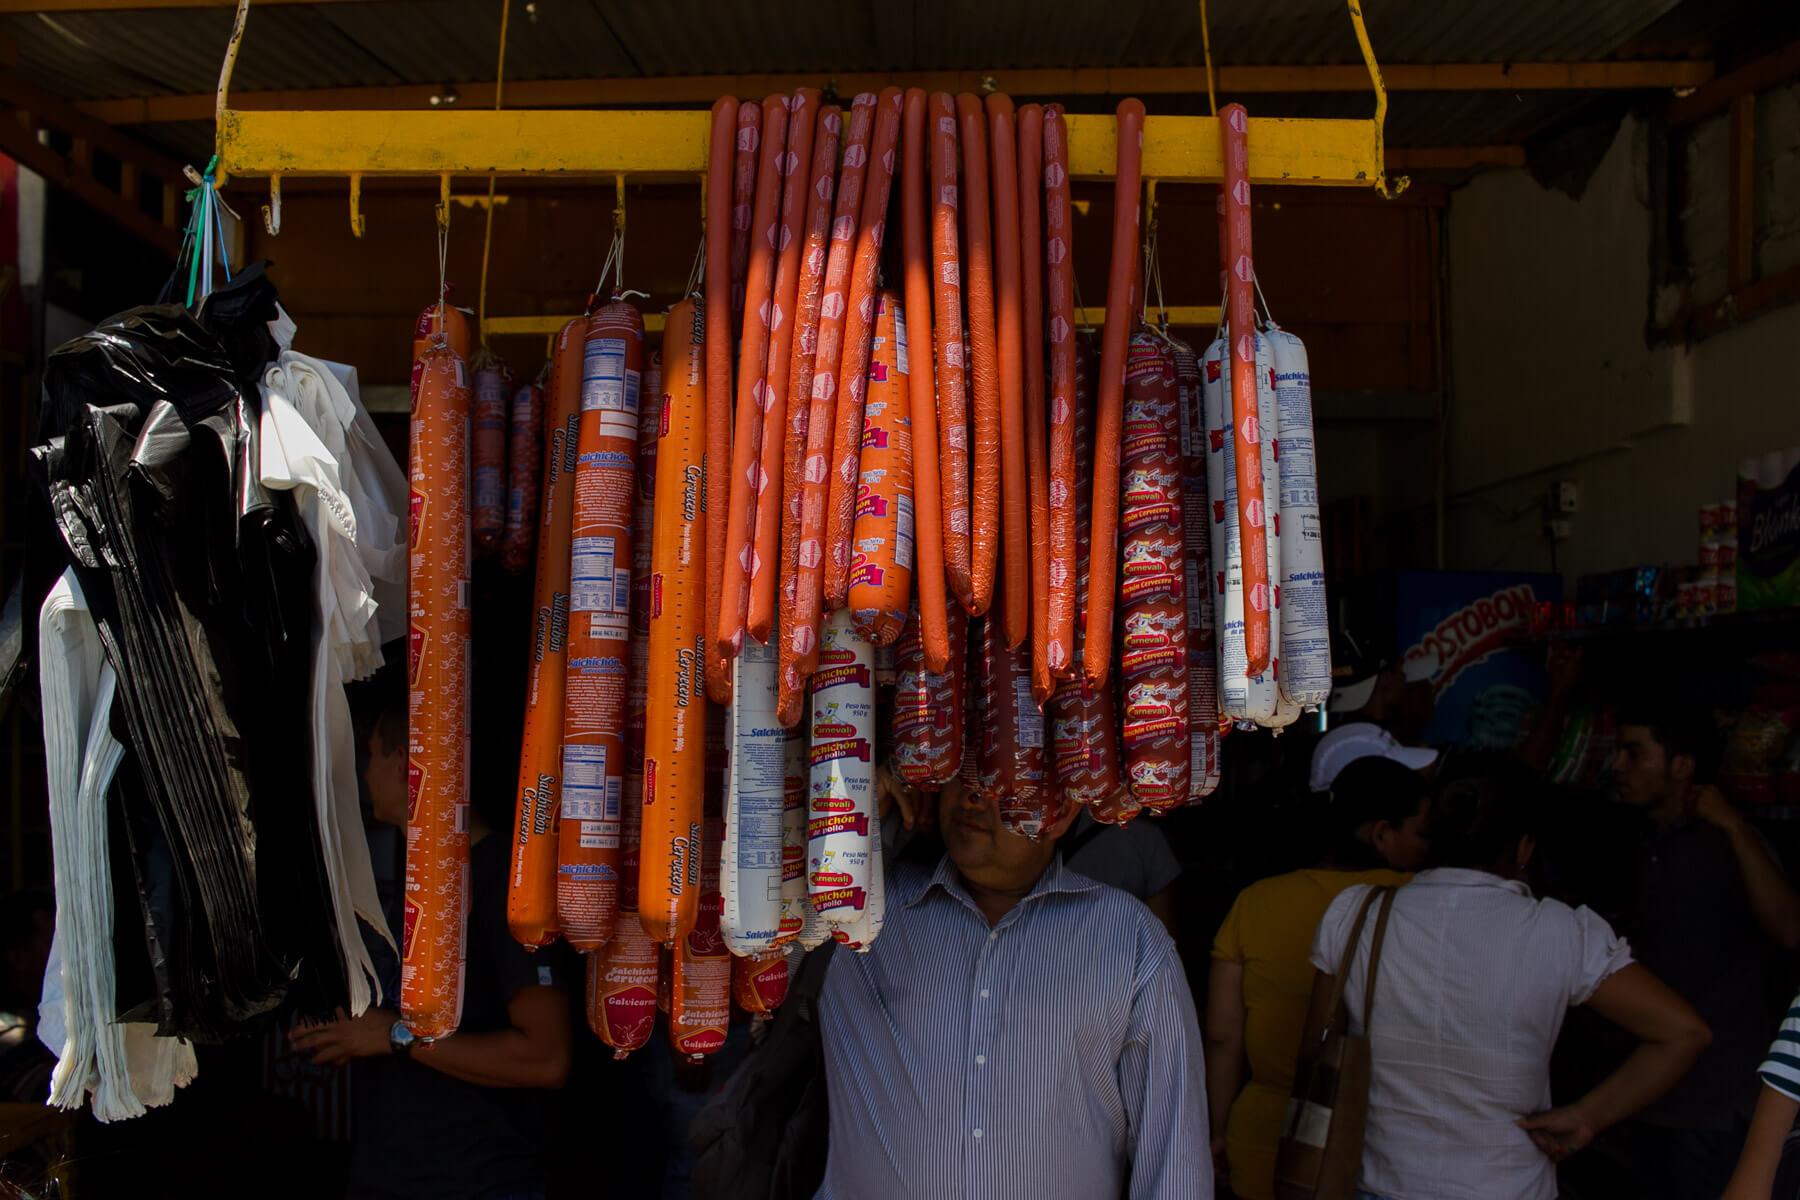 Los viajes de ida y vuelta hasta Cúcuta, lo más popular para comprar productos básicos